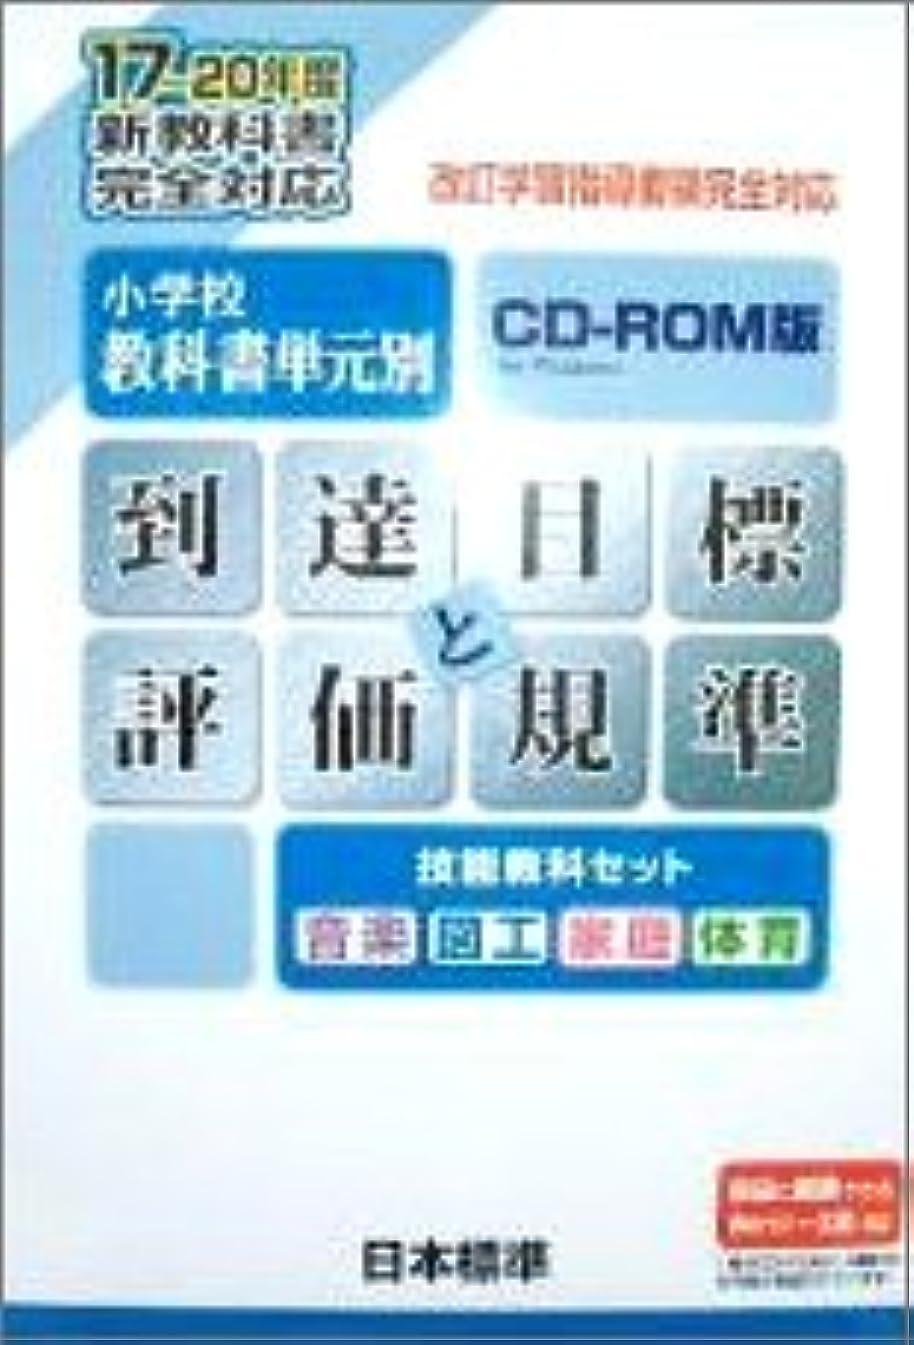 アボート美容師提案日本標準 到達目標と評価規技能教科セットCD-ROM